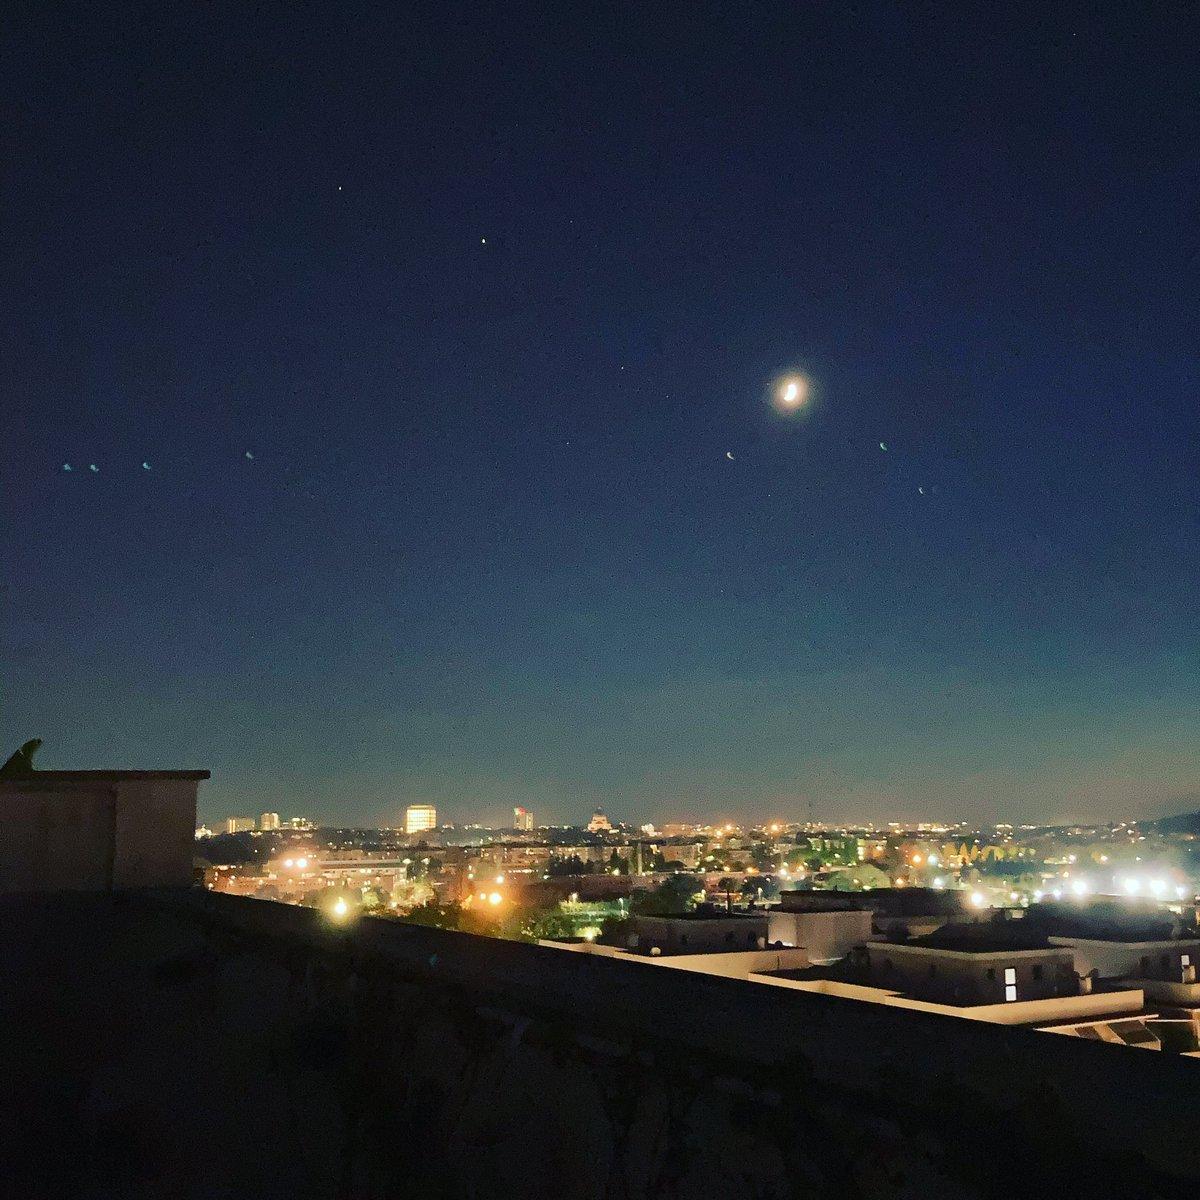 E il mio maestro m'insegnò a cercare l'alba dentro l'imbrunire.  #Luna sull'Eur   #roma #tramonto #skyline https://t.co/Msozg0EibH